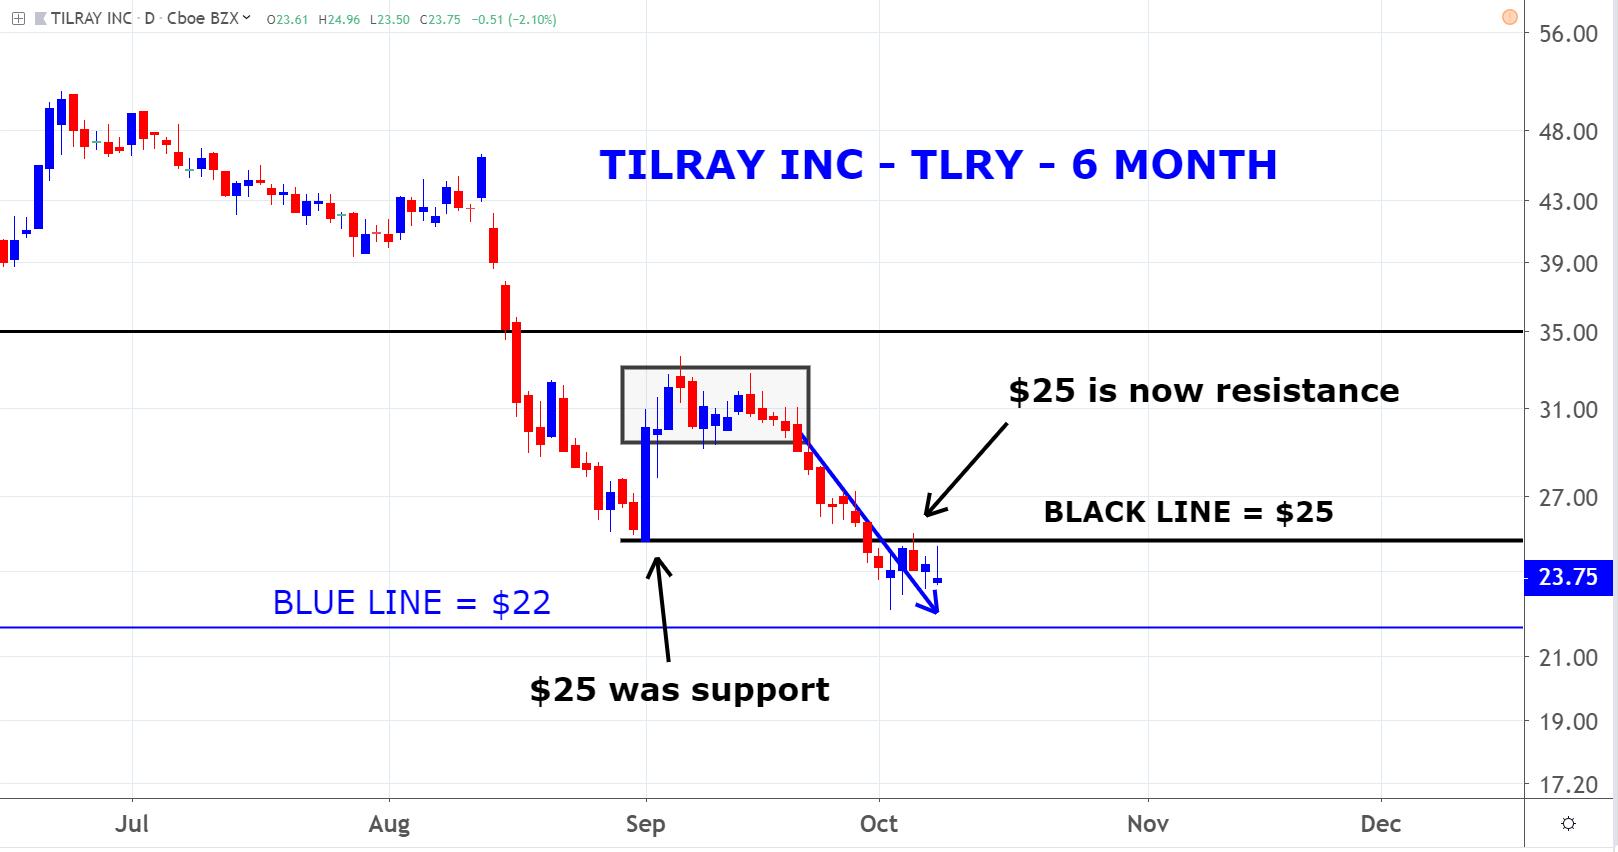 Tilray (TLRY)